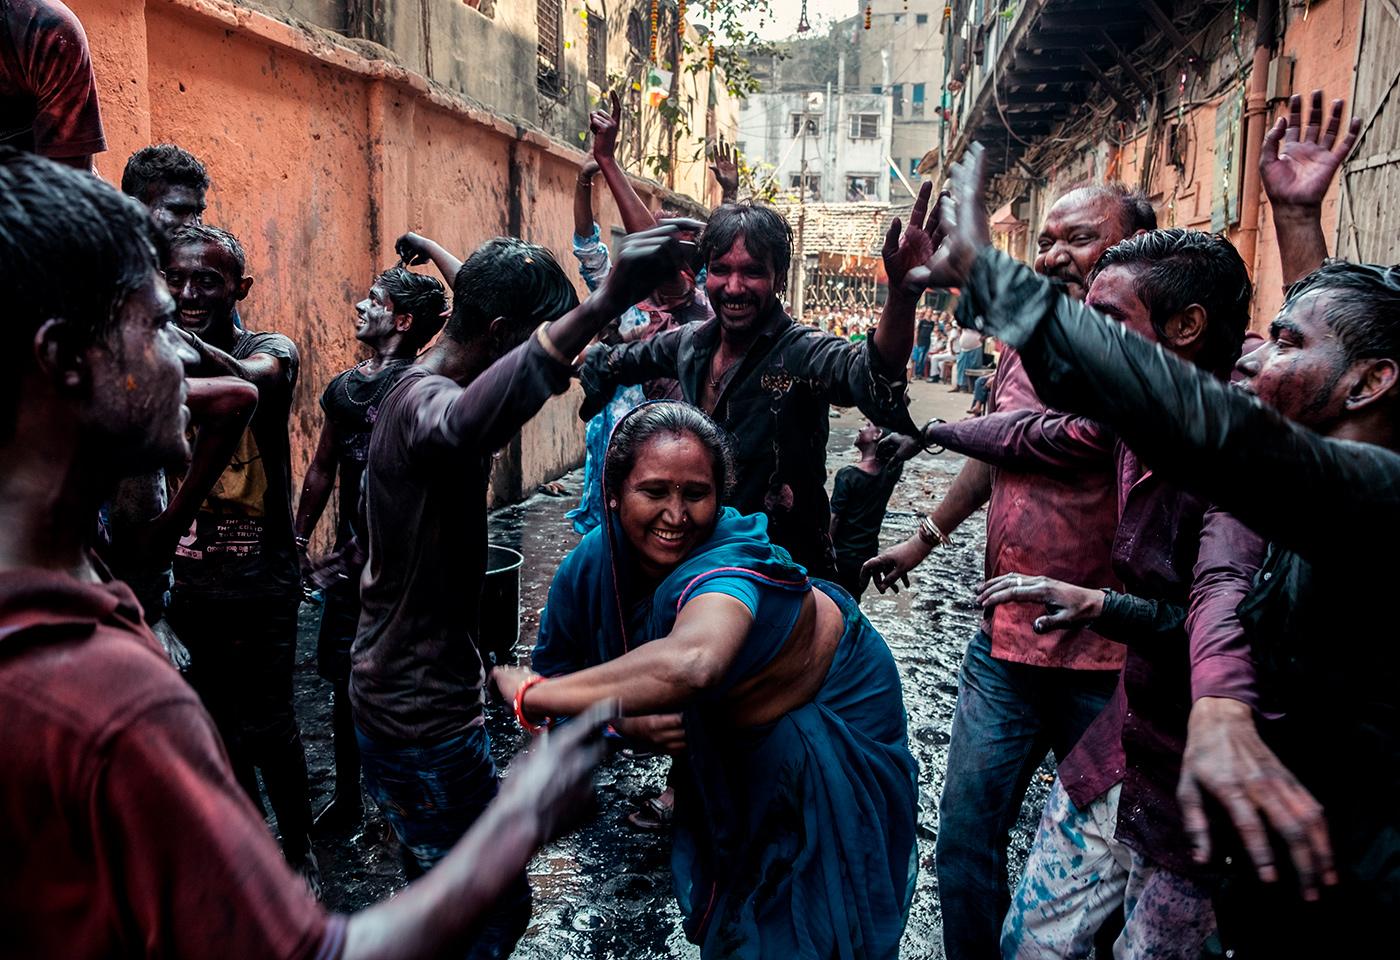 Индийцы отжигают. эпицентры, водой, какойто, выпуск, Дрынк, Впрочем, манящее, слово, отказать, Синька, Опытные, названием, выбор, разливалась, заднем, дворе, Обильно, Офицерский, чуваками, возникло